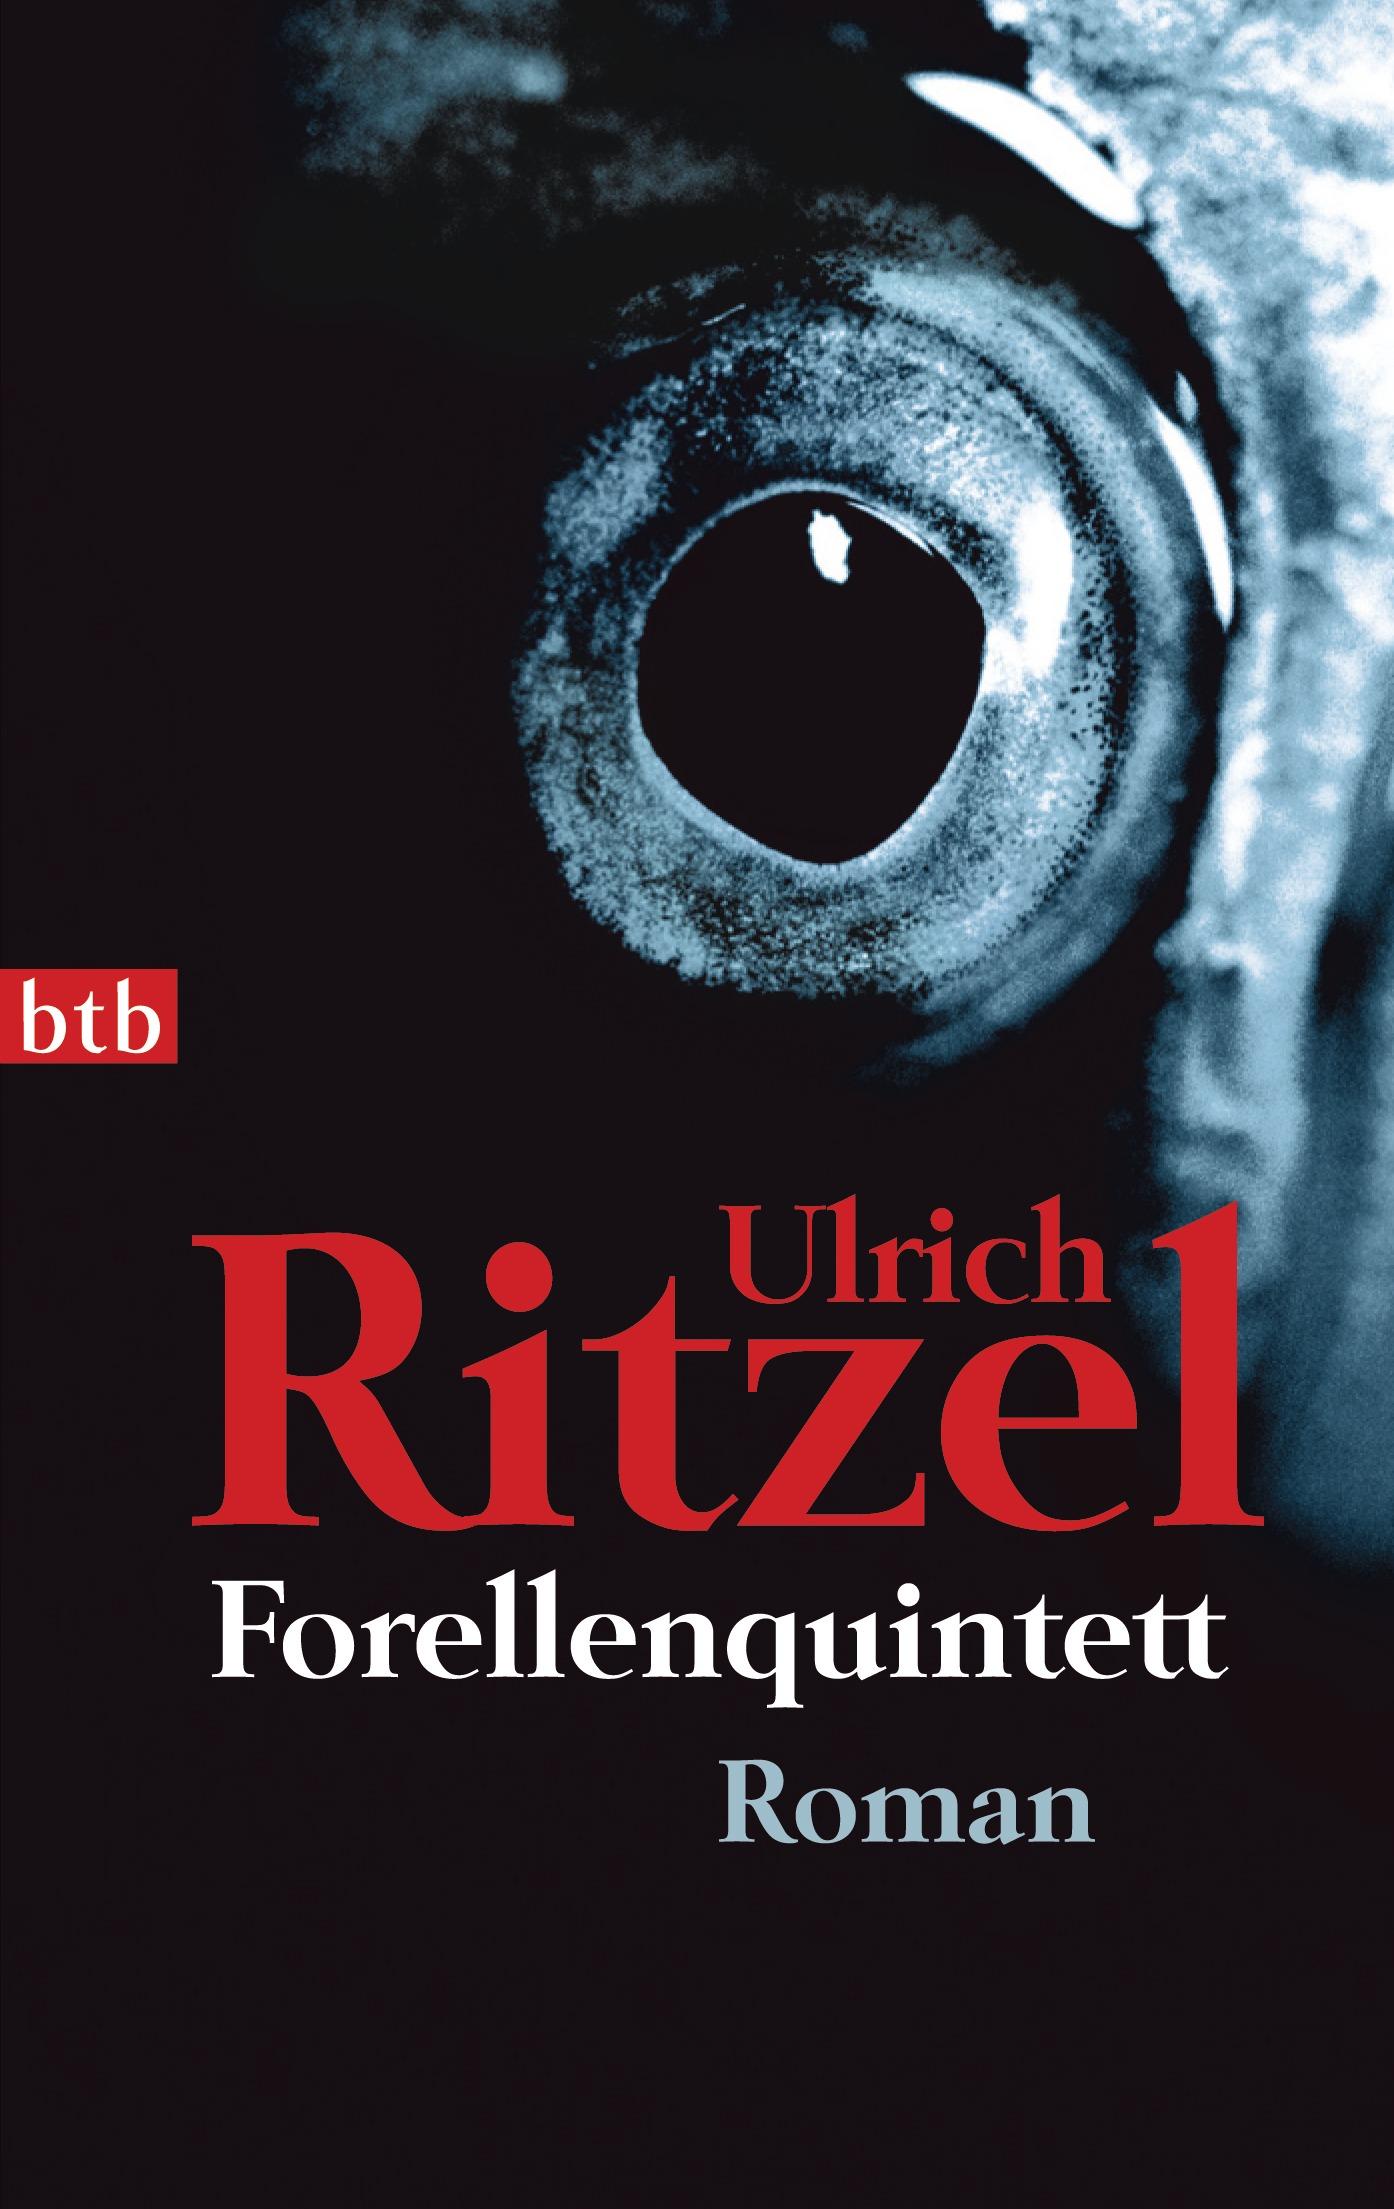 Forellenquintett - Ulrich Ritzel